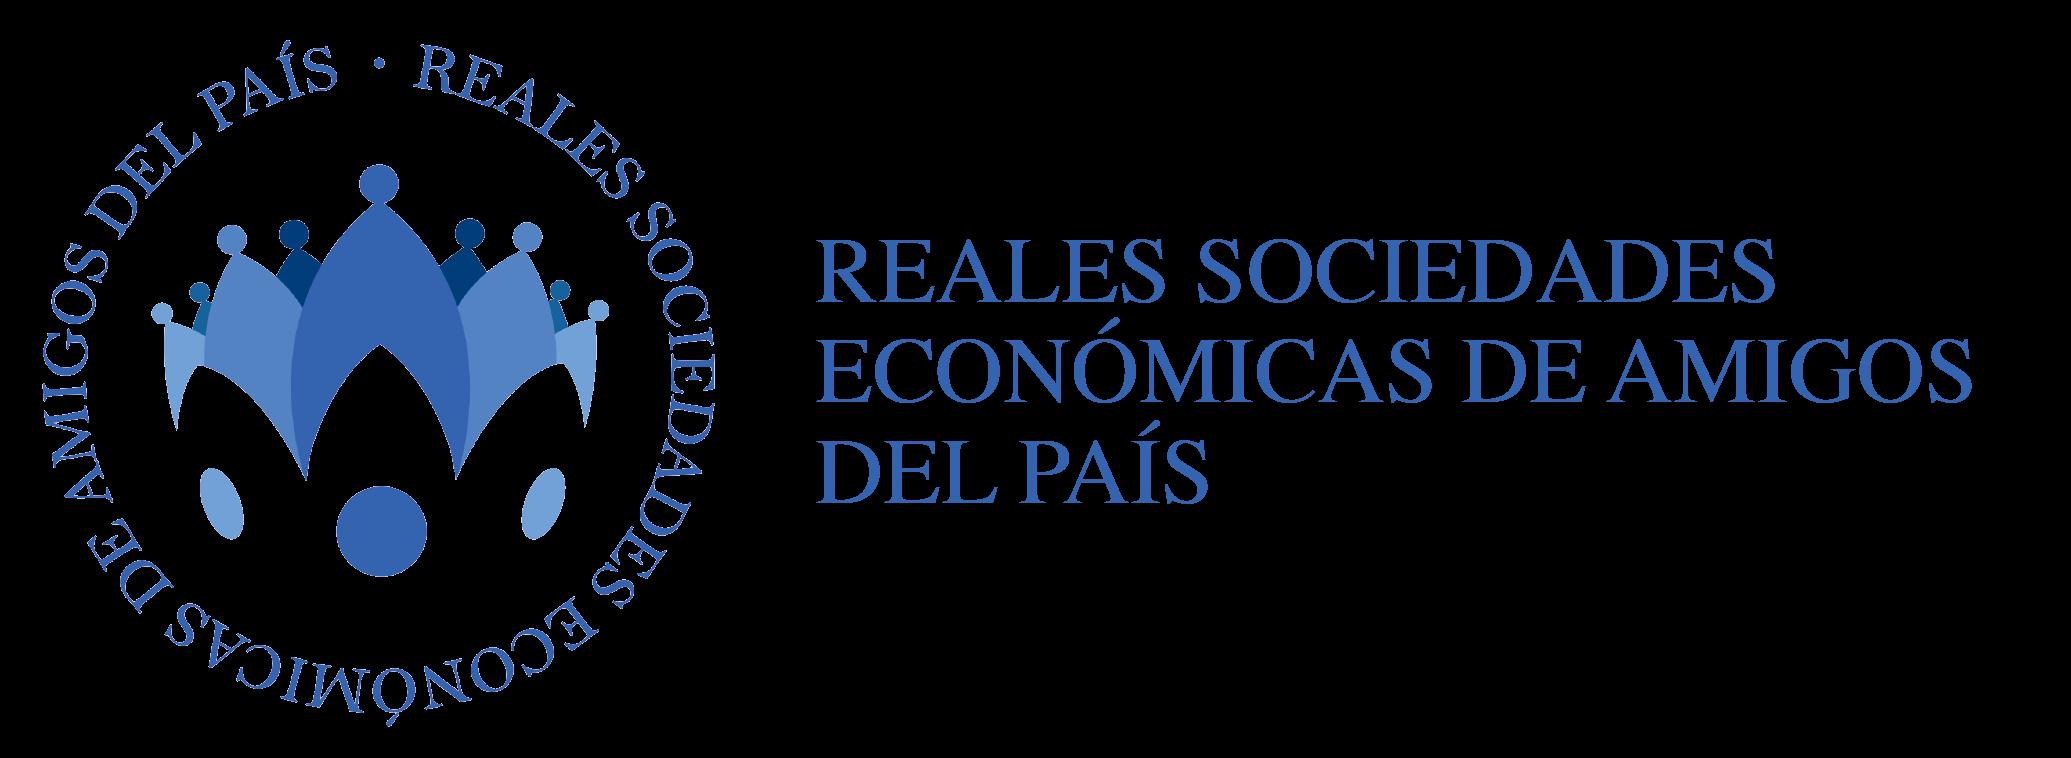 Reales Sociedad Económicas de Amigos del País